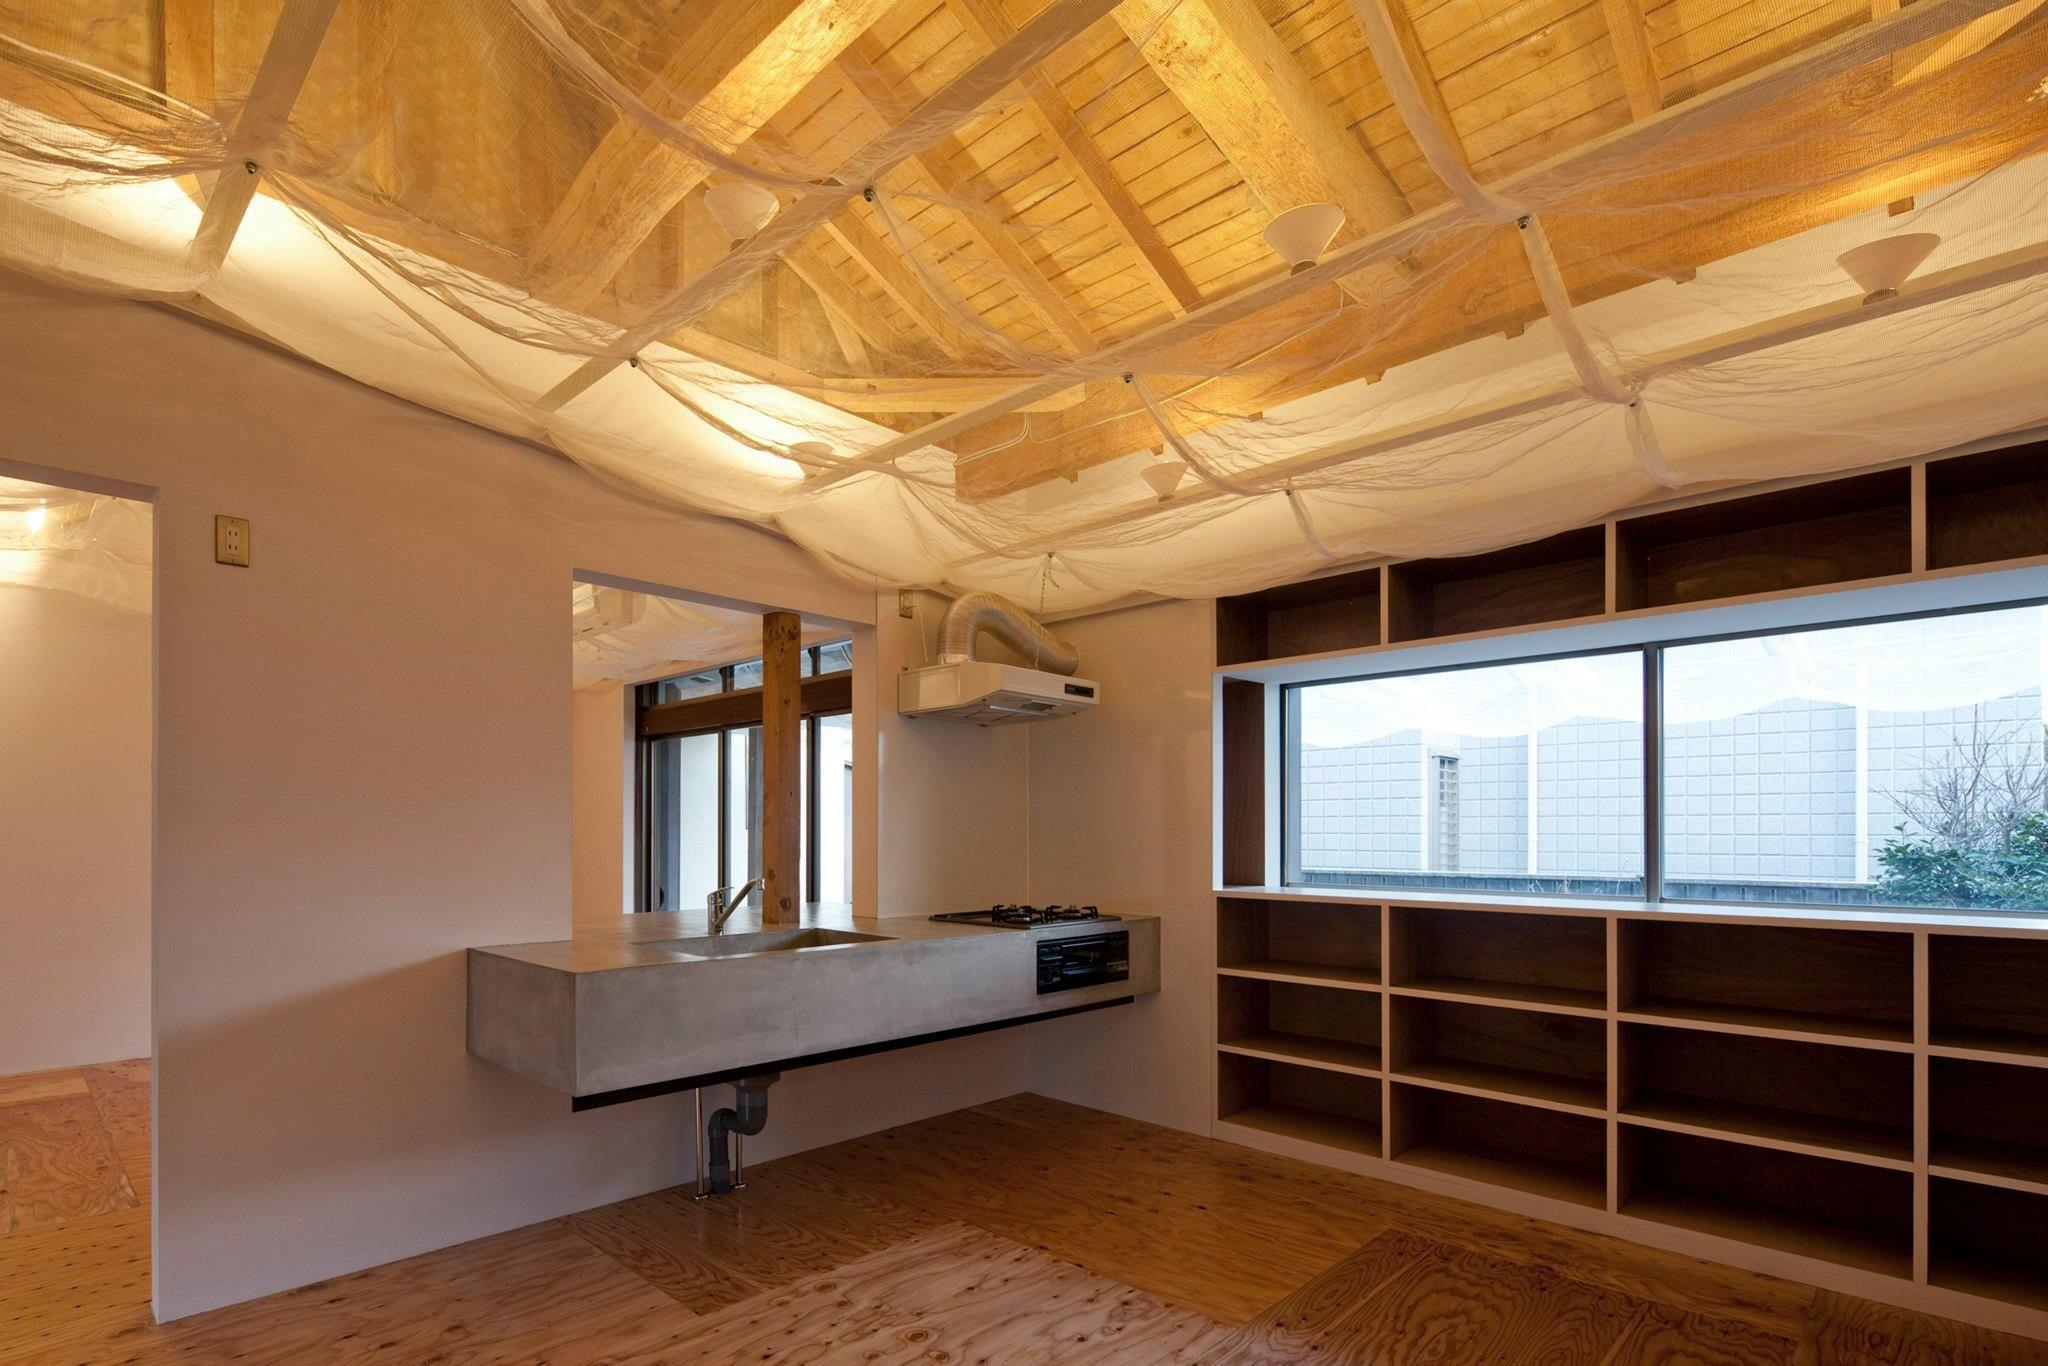 403 富塚の天井 The Ceiling Of Tomitsuka To Improve The